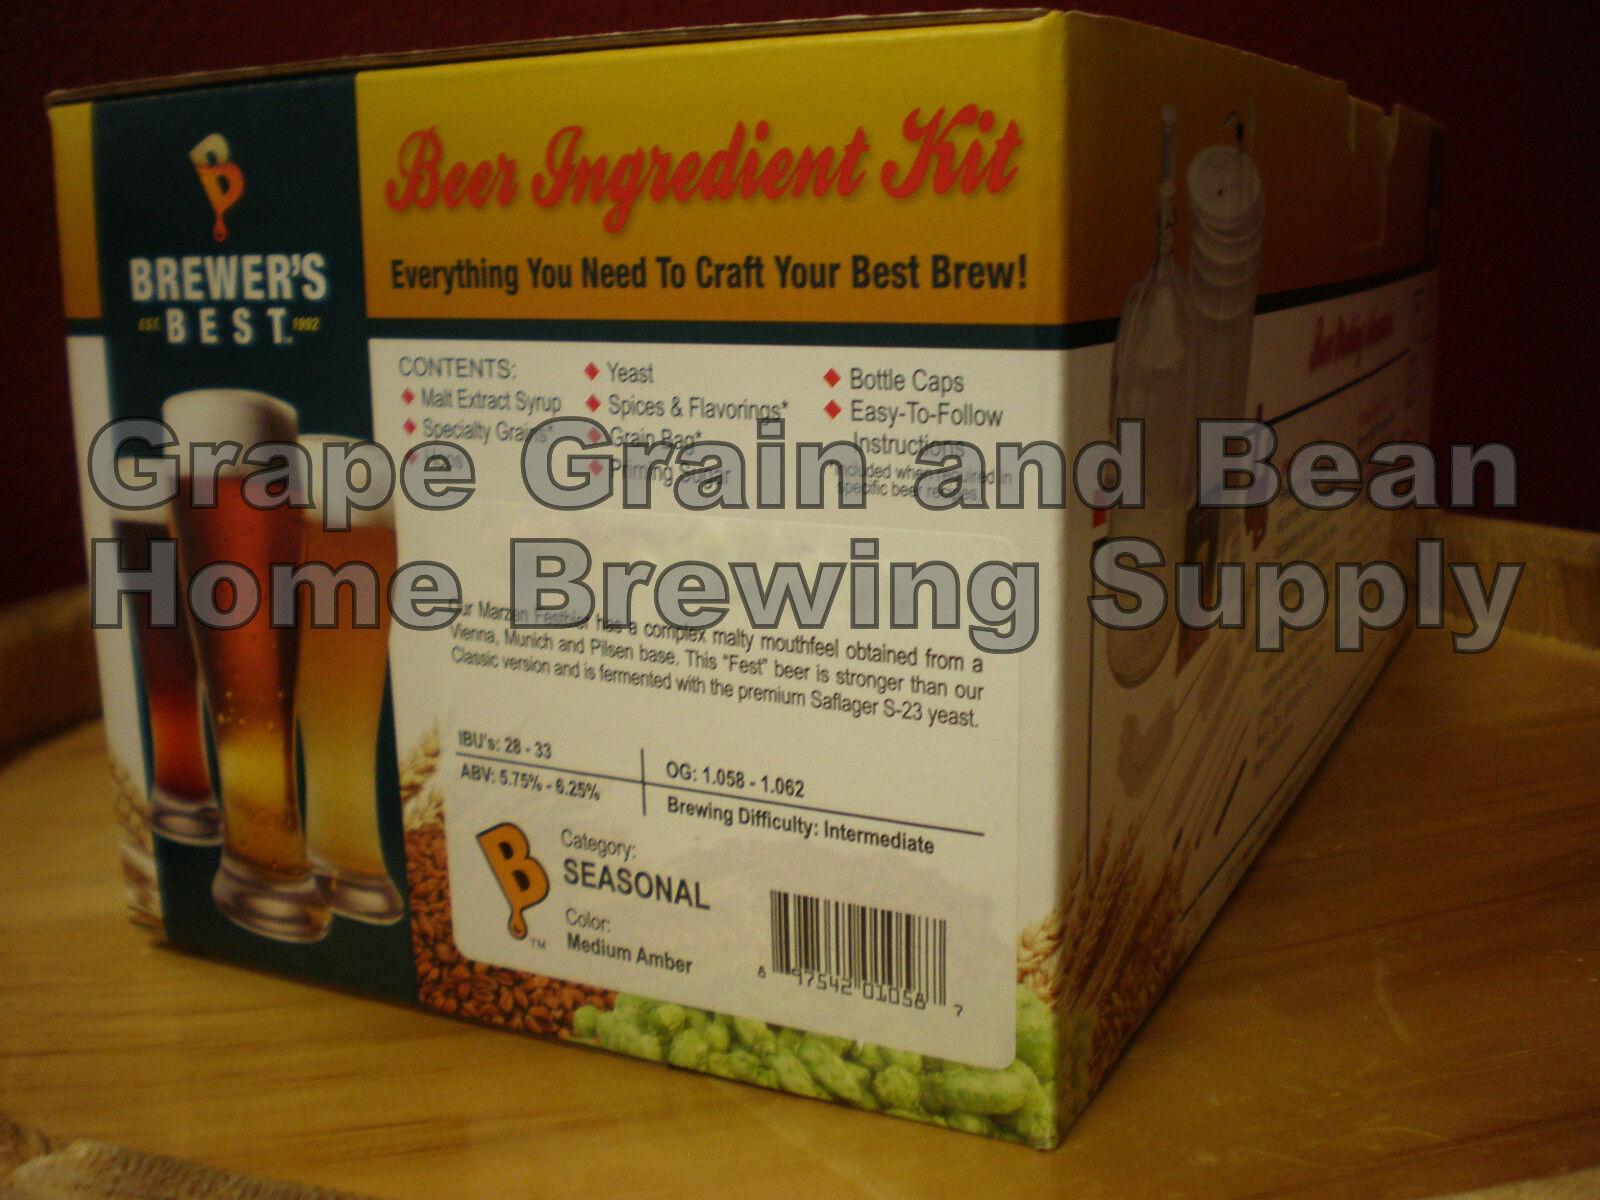 $44.95 - Brewers Best Belgian IPA Beer Making Kit, Brewers Best, Belgian IPA Beer